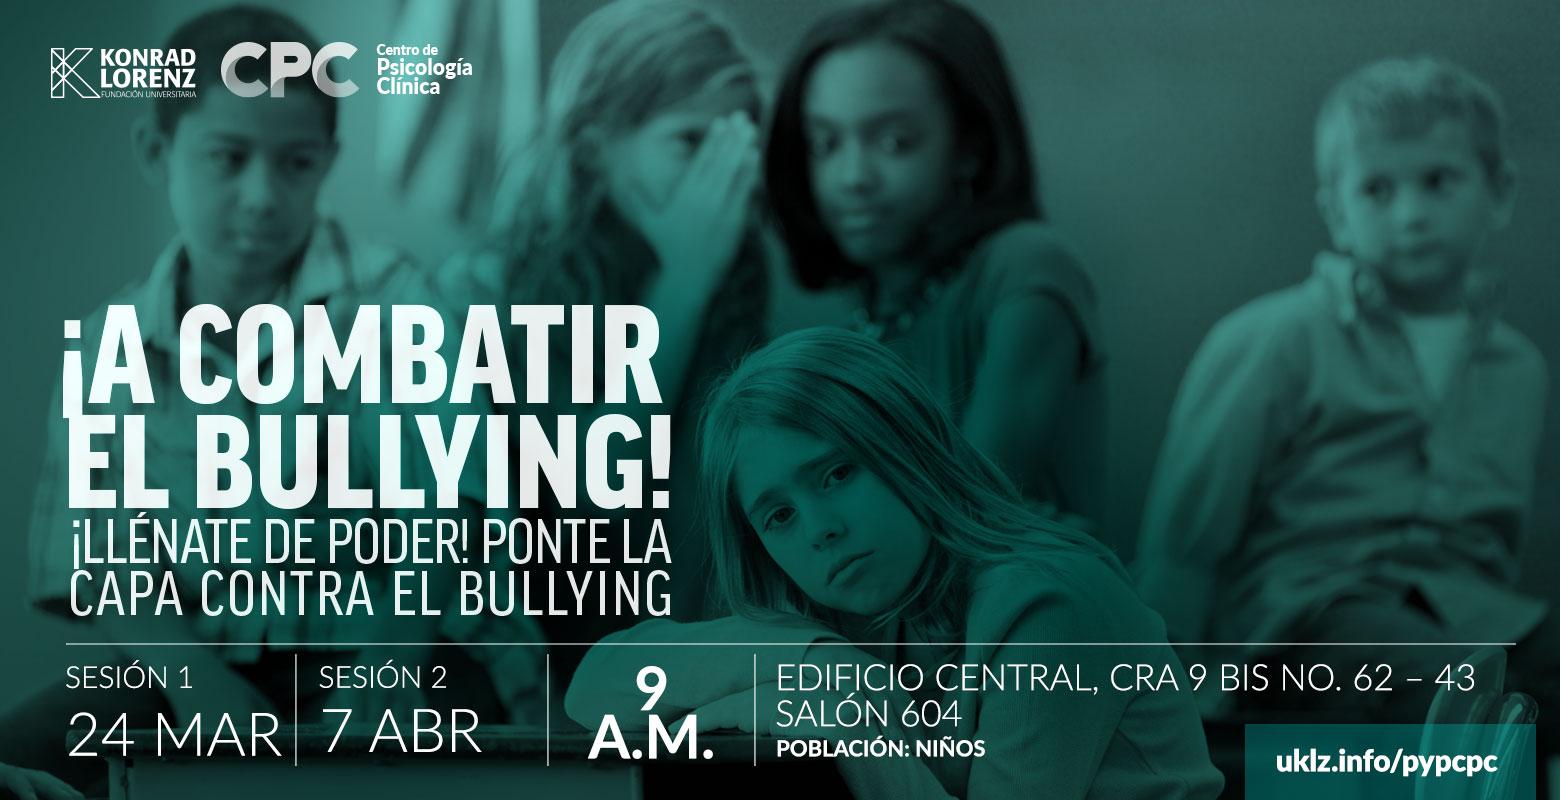 ¡A combatir el bullying!